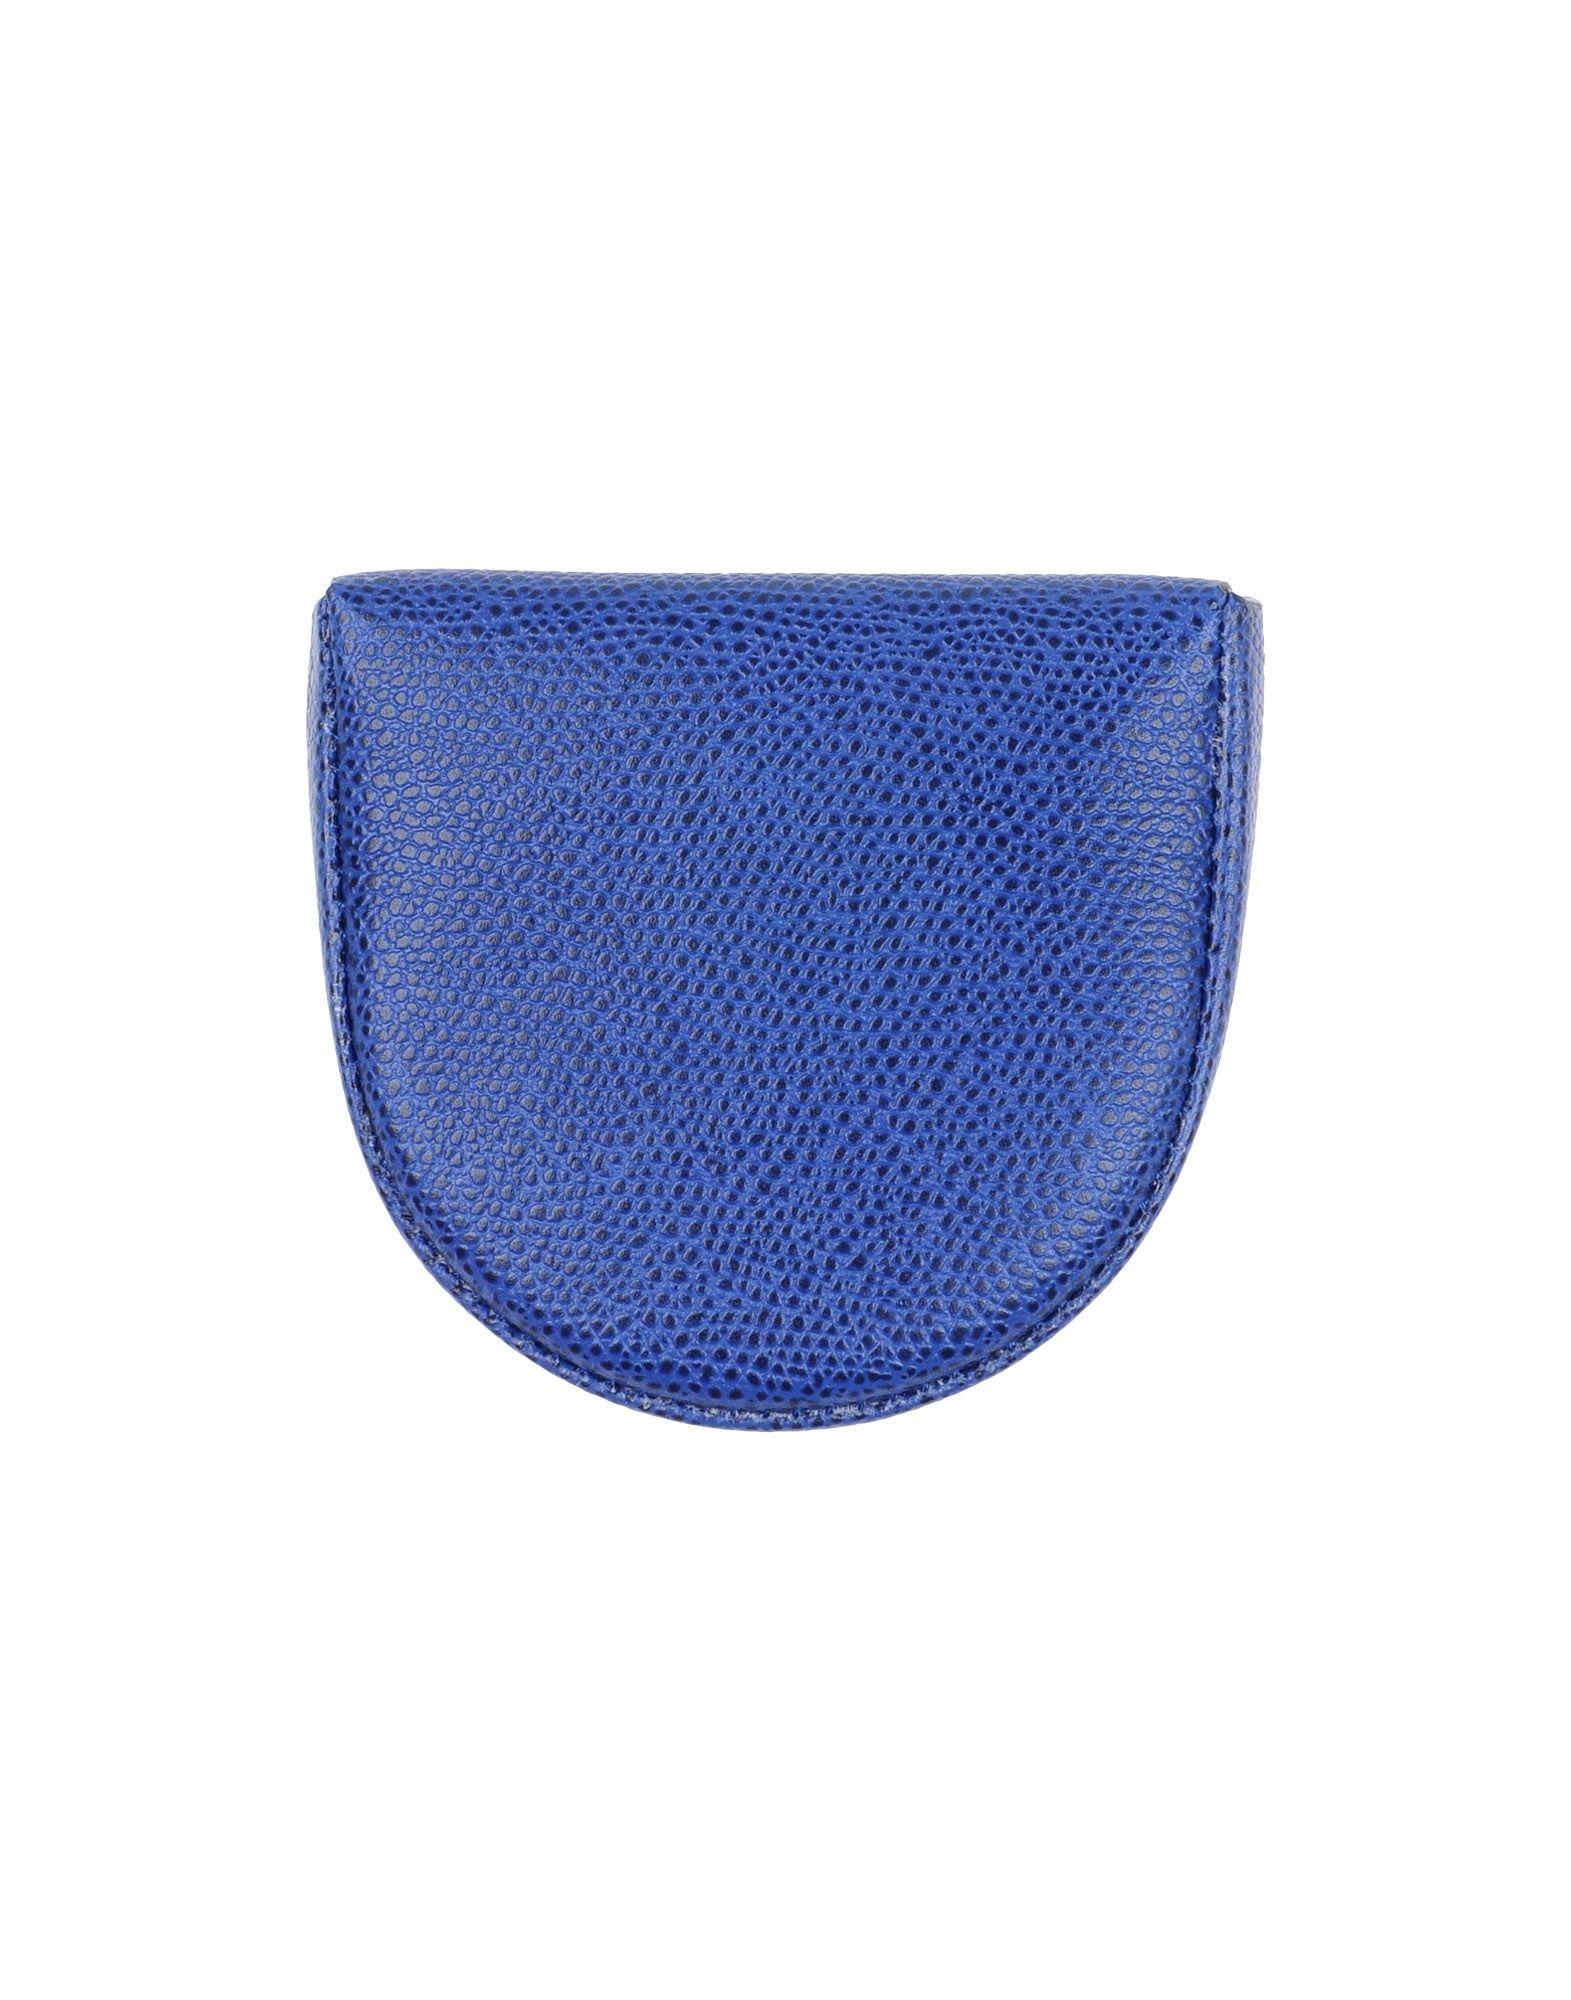 VALEXTRA Herren Portemonnaie Farbe Blau Größe 1